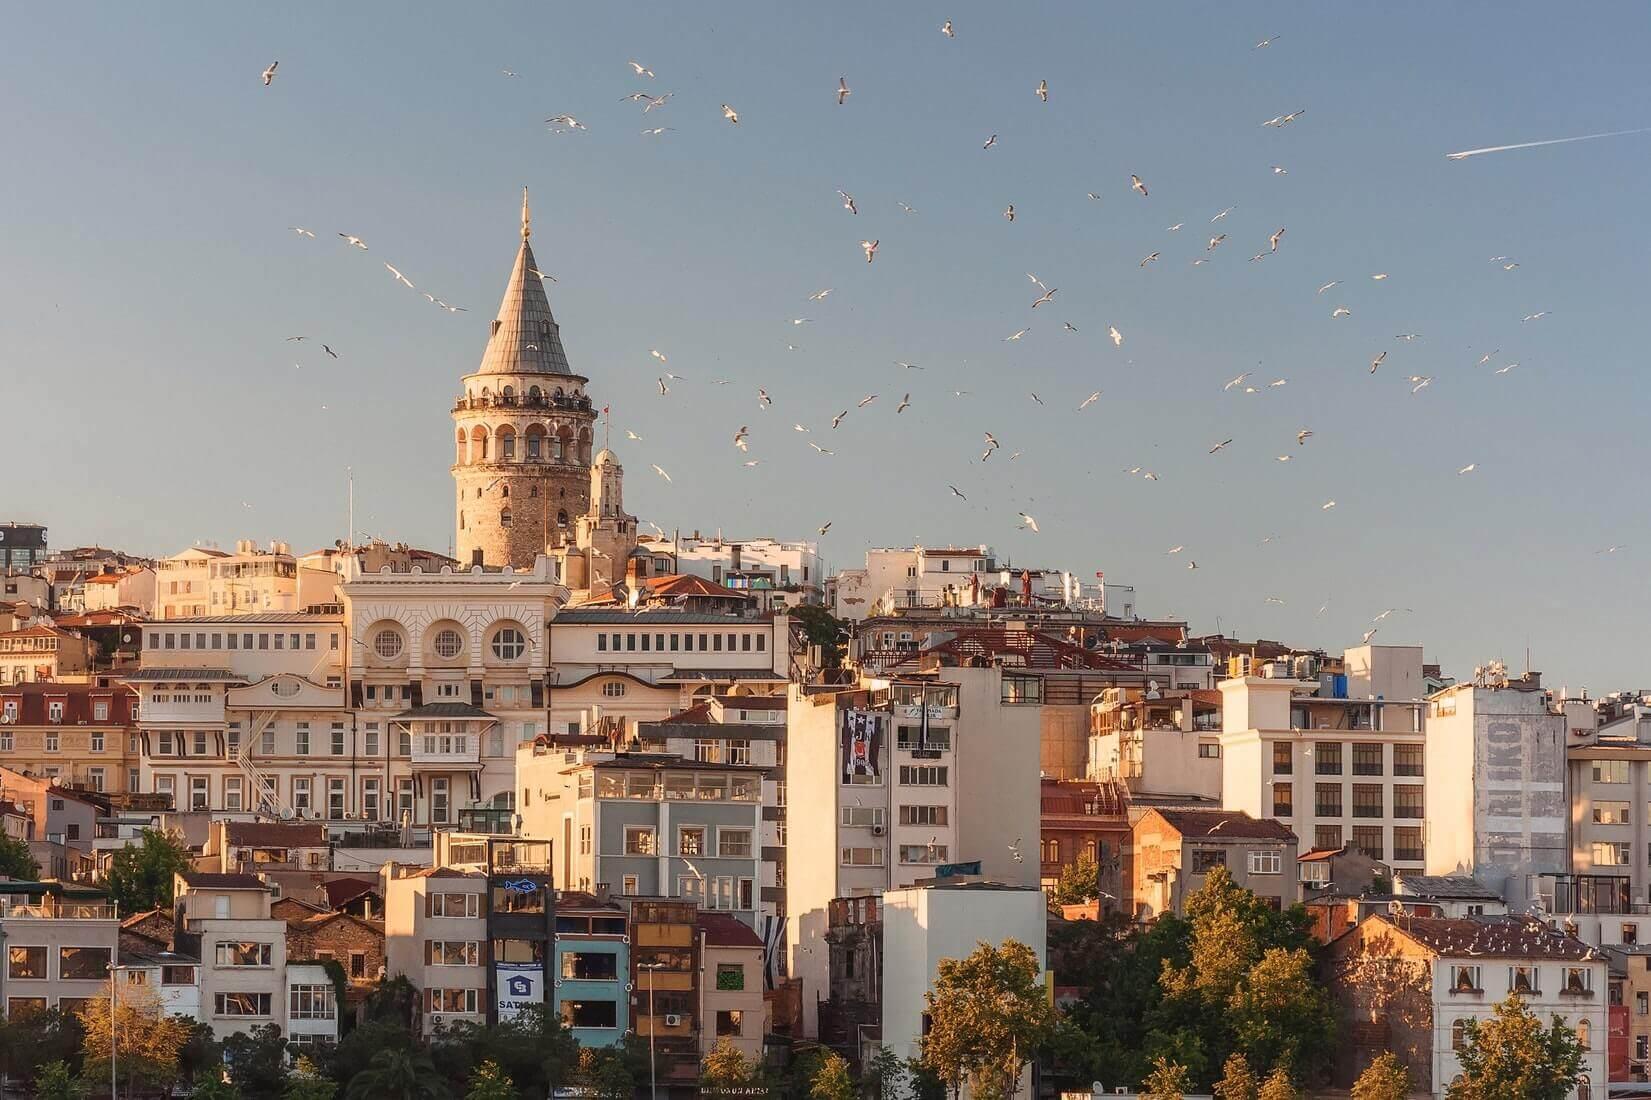 Турция лучше Европы: Париж, Лондон и Венеция на минималках